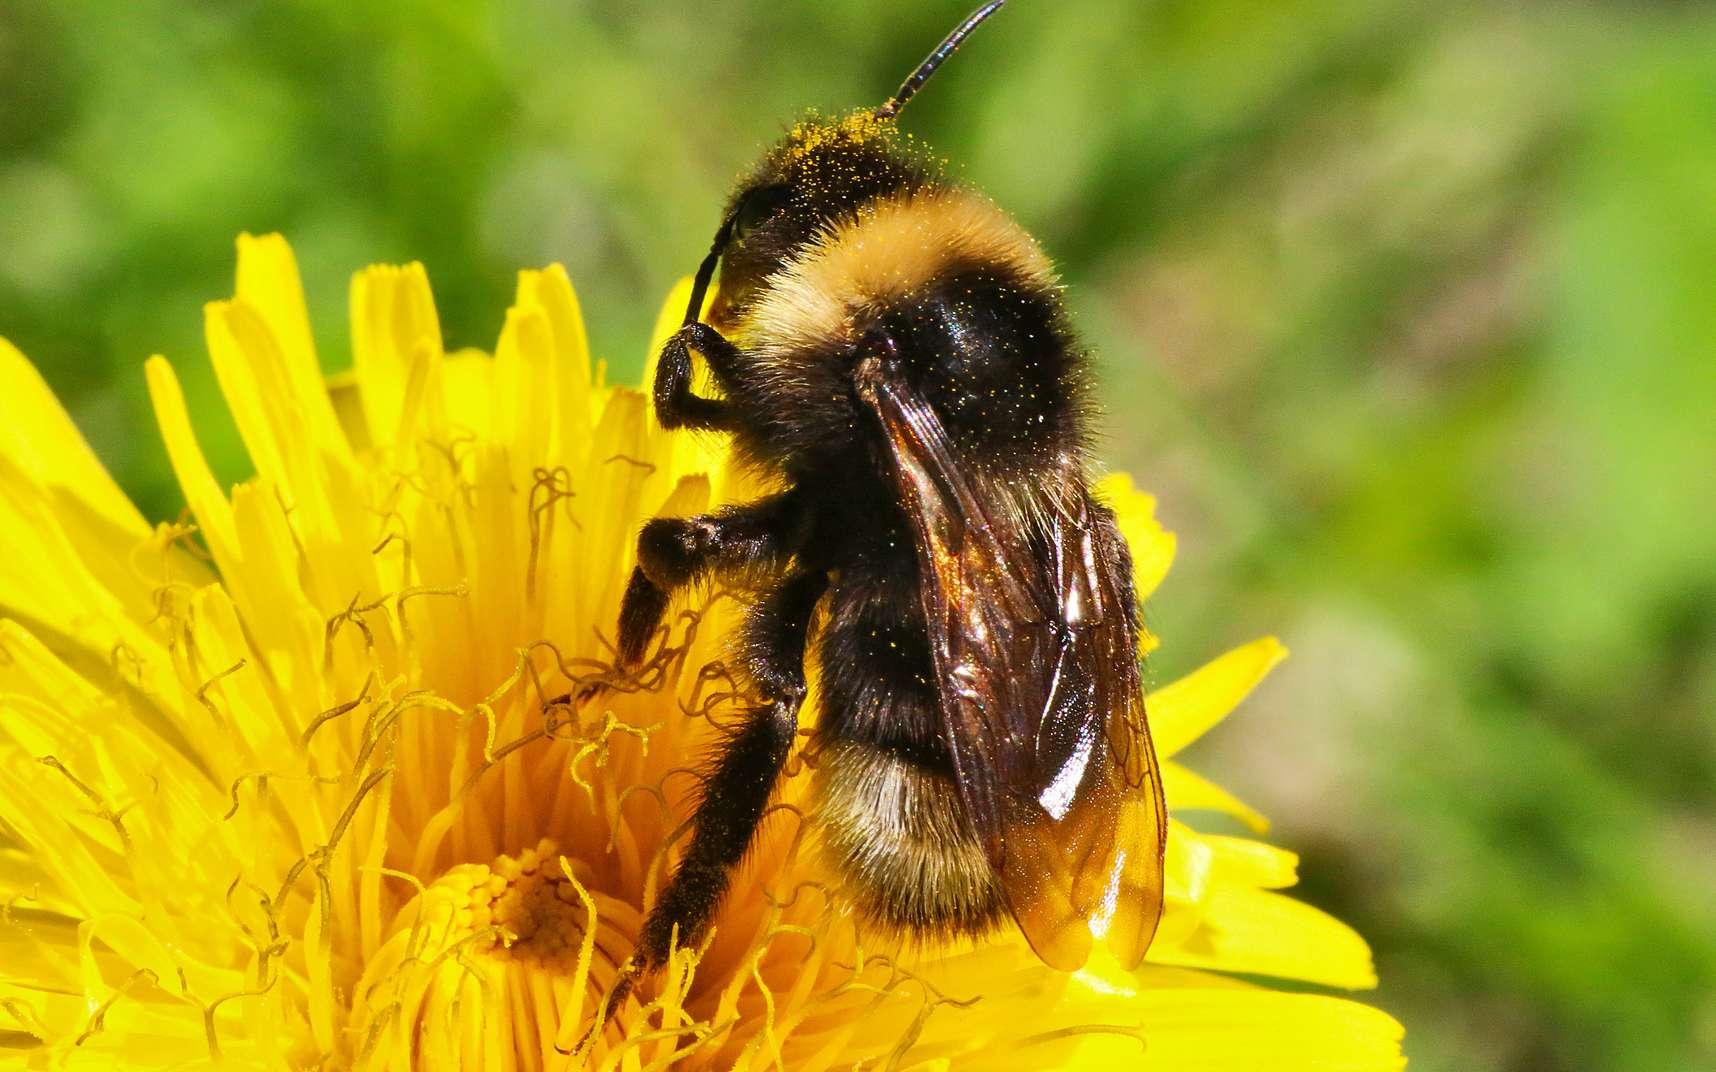 Les bourdons, du genre Bombus, sont de la même famille que les abeilles, mais sont plus trapus et plus poilus. Le terme « bourdon » est masculin, mais il existe bel et bien un bourdon reine et des ouvrières. © Sergey, fotolia